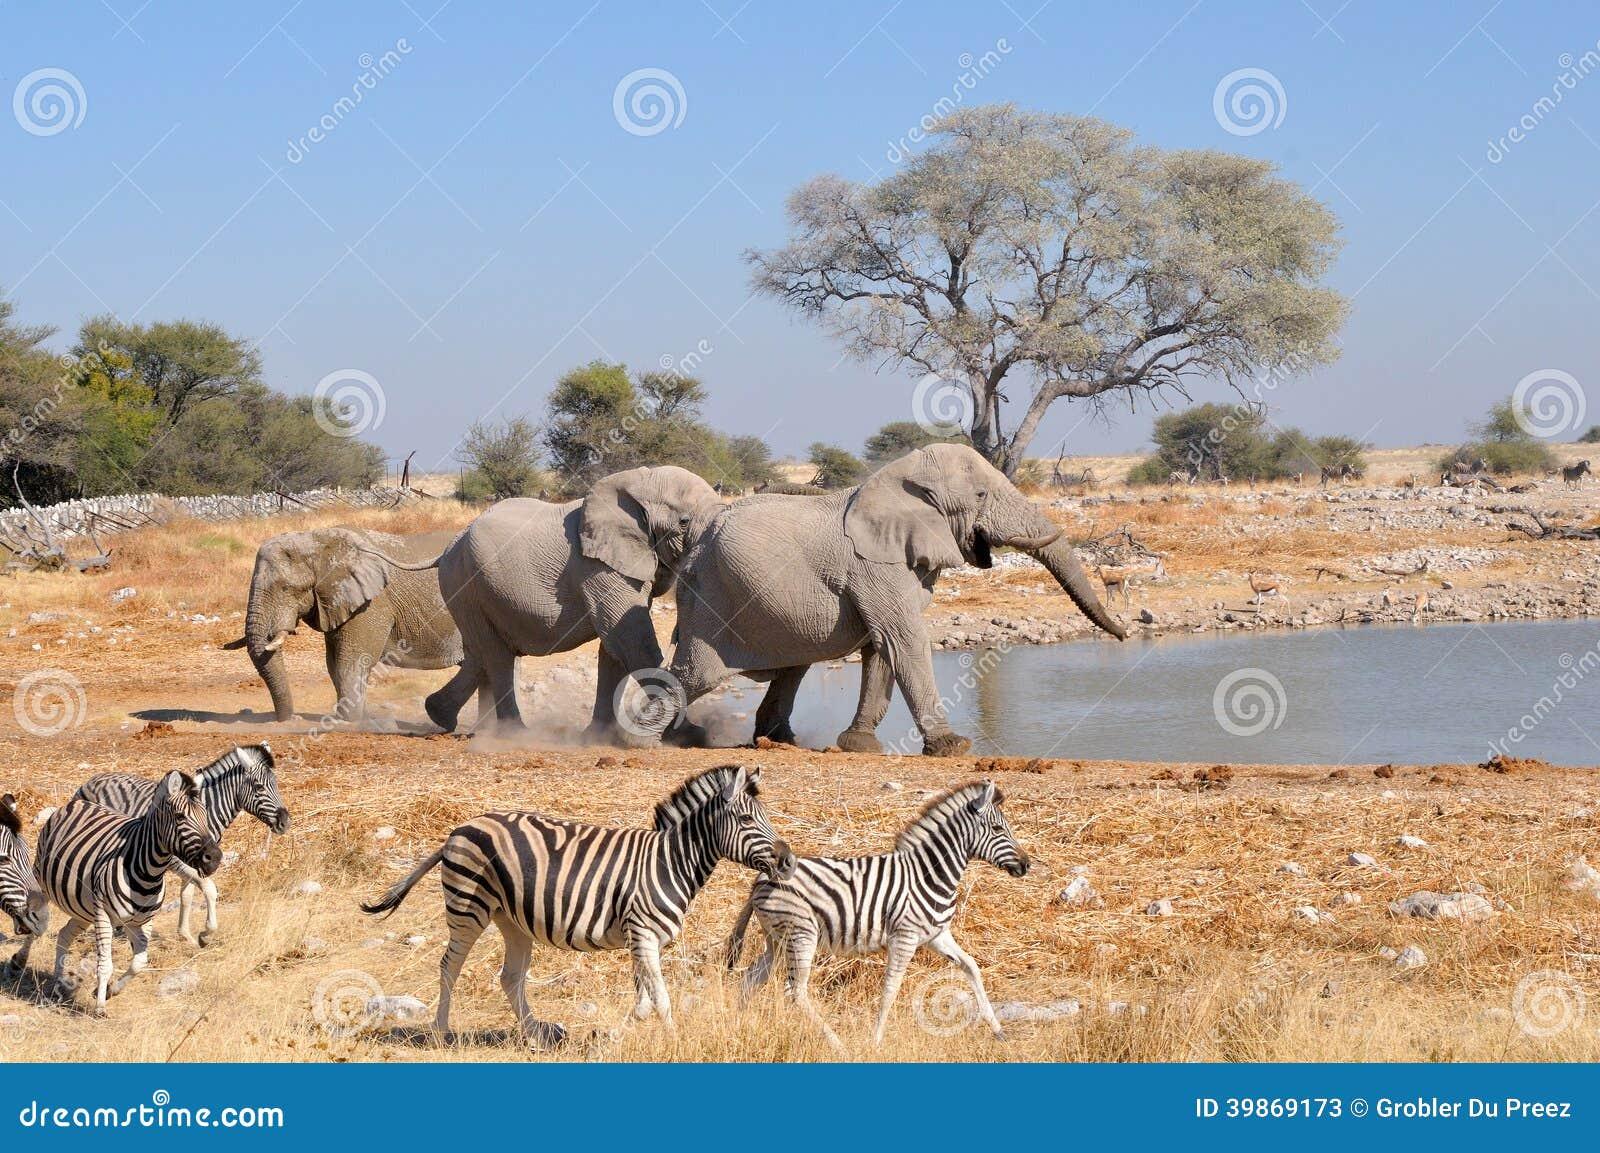 Elephant squabble, Etosha National park, Namibia